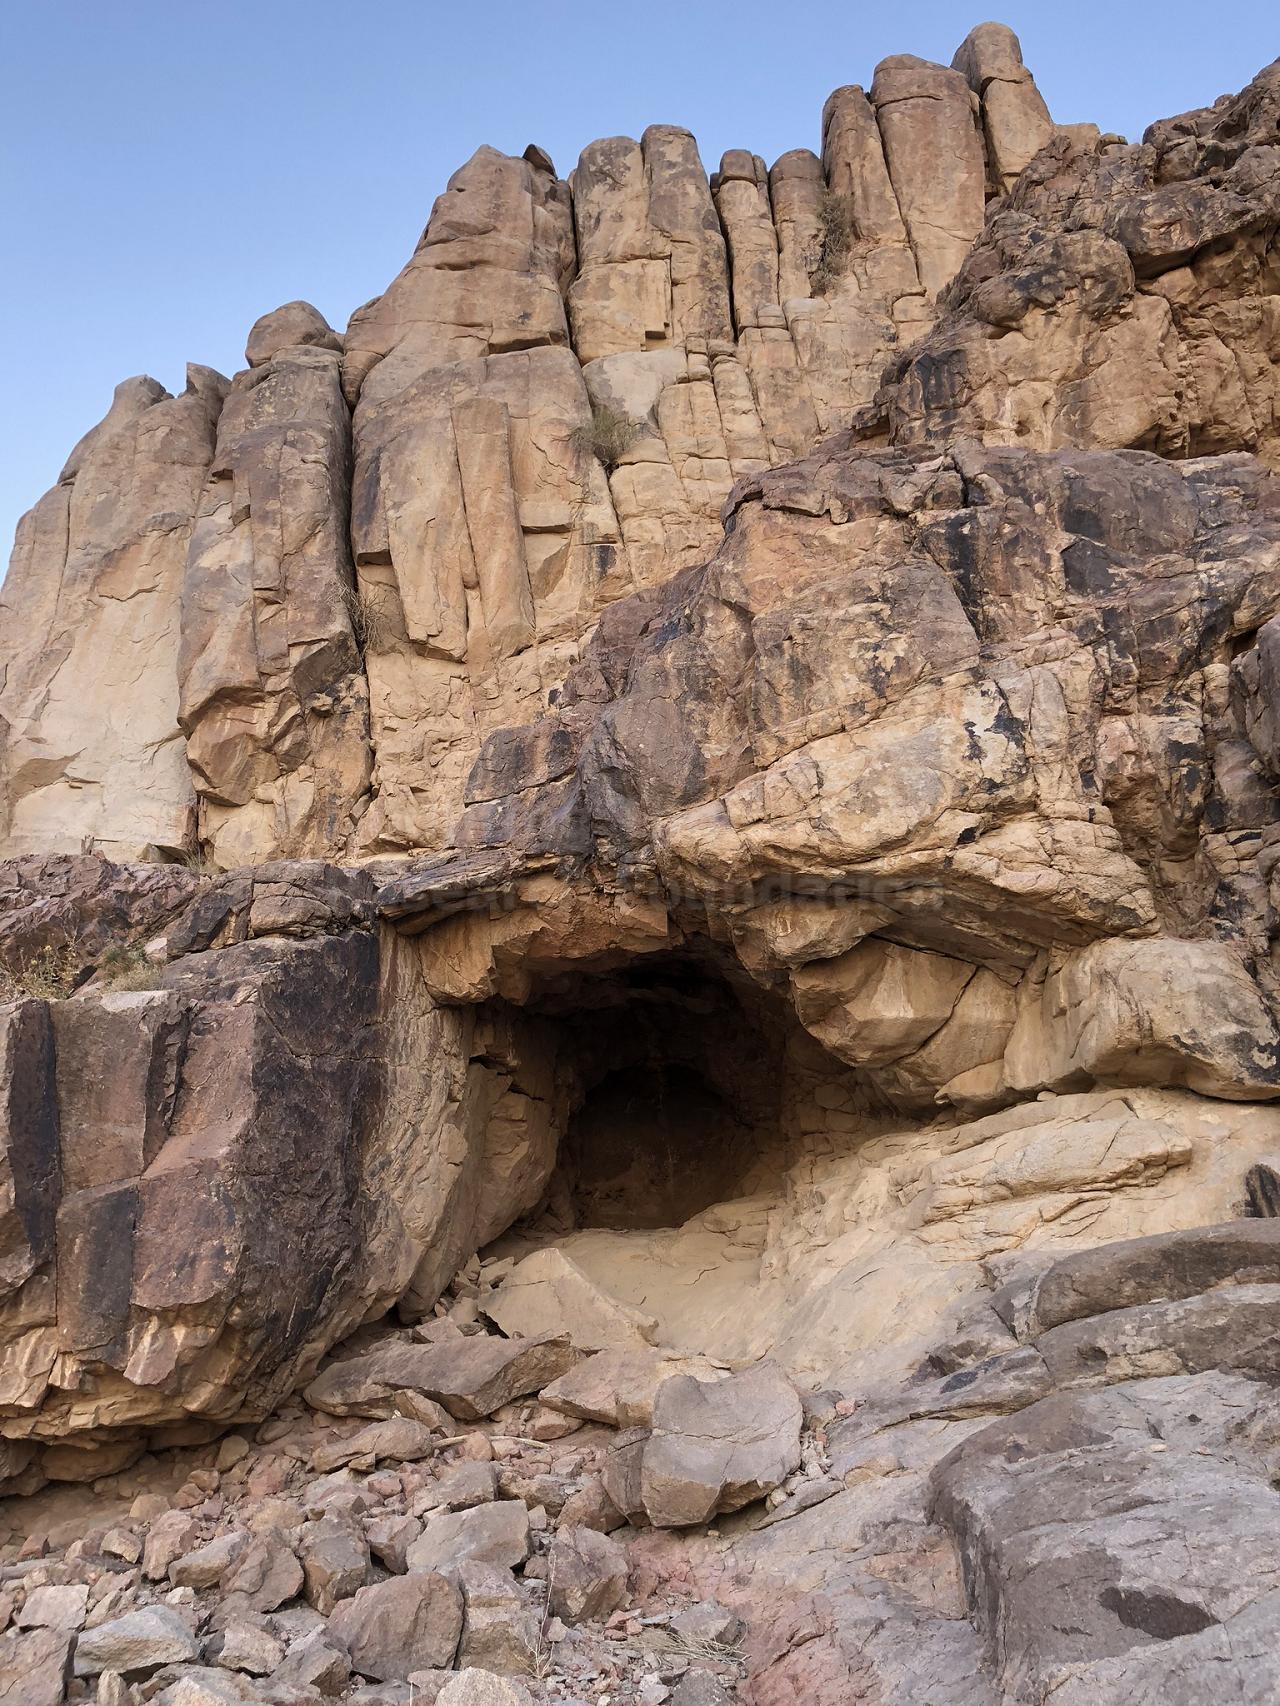 что вы увидите на экскурсии на гору синай - Пещерный храм Пророка Ильи